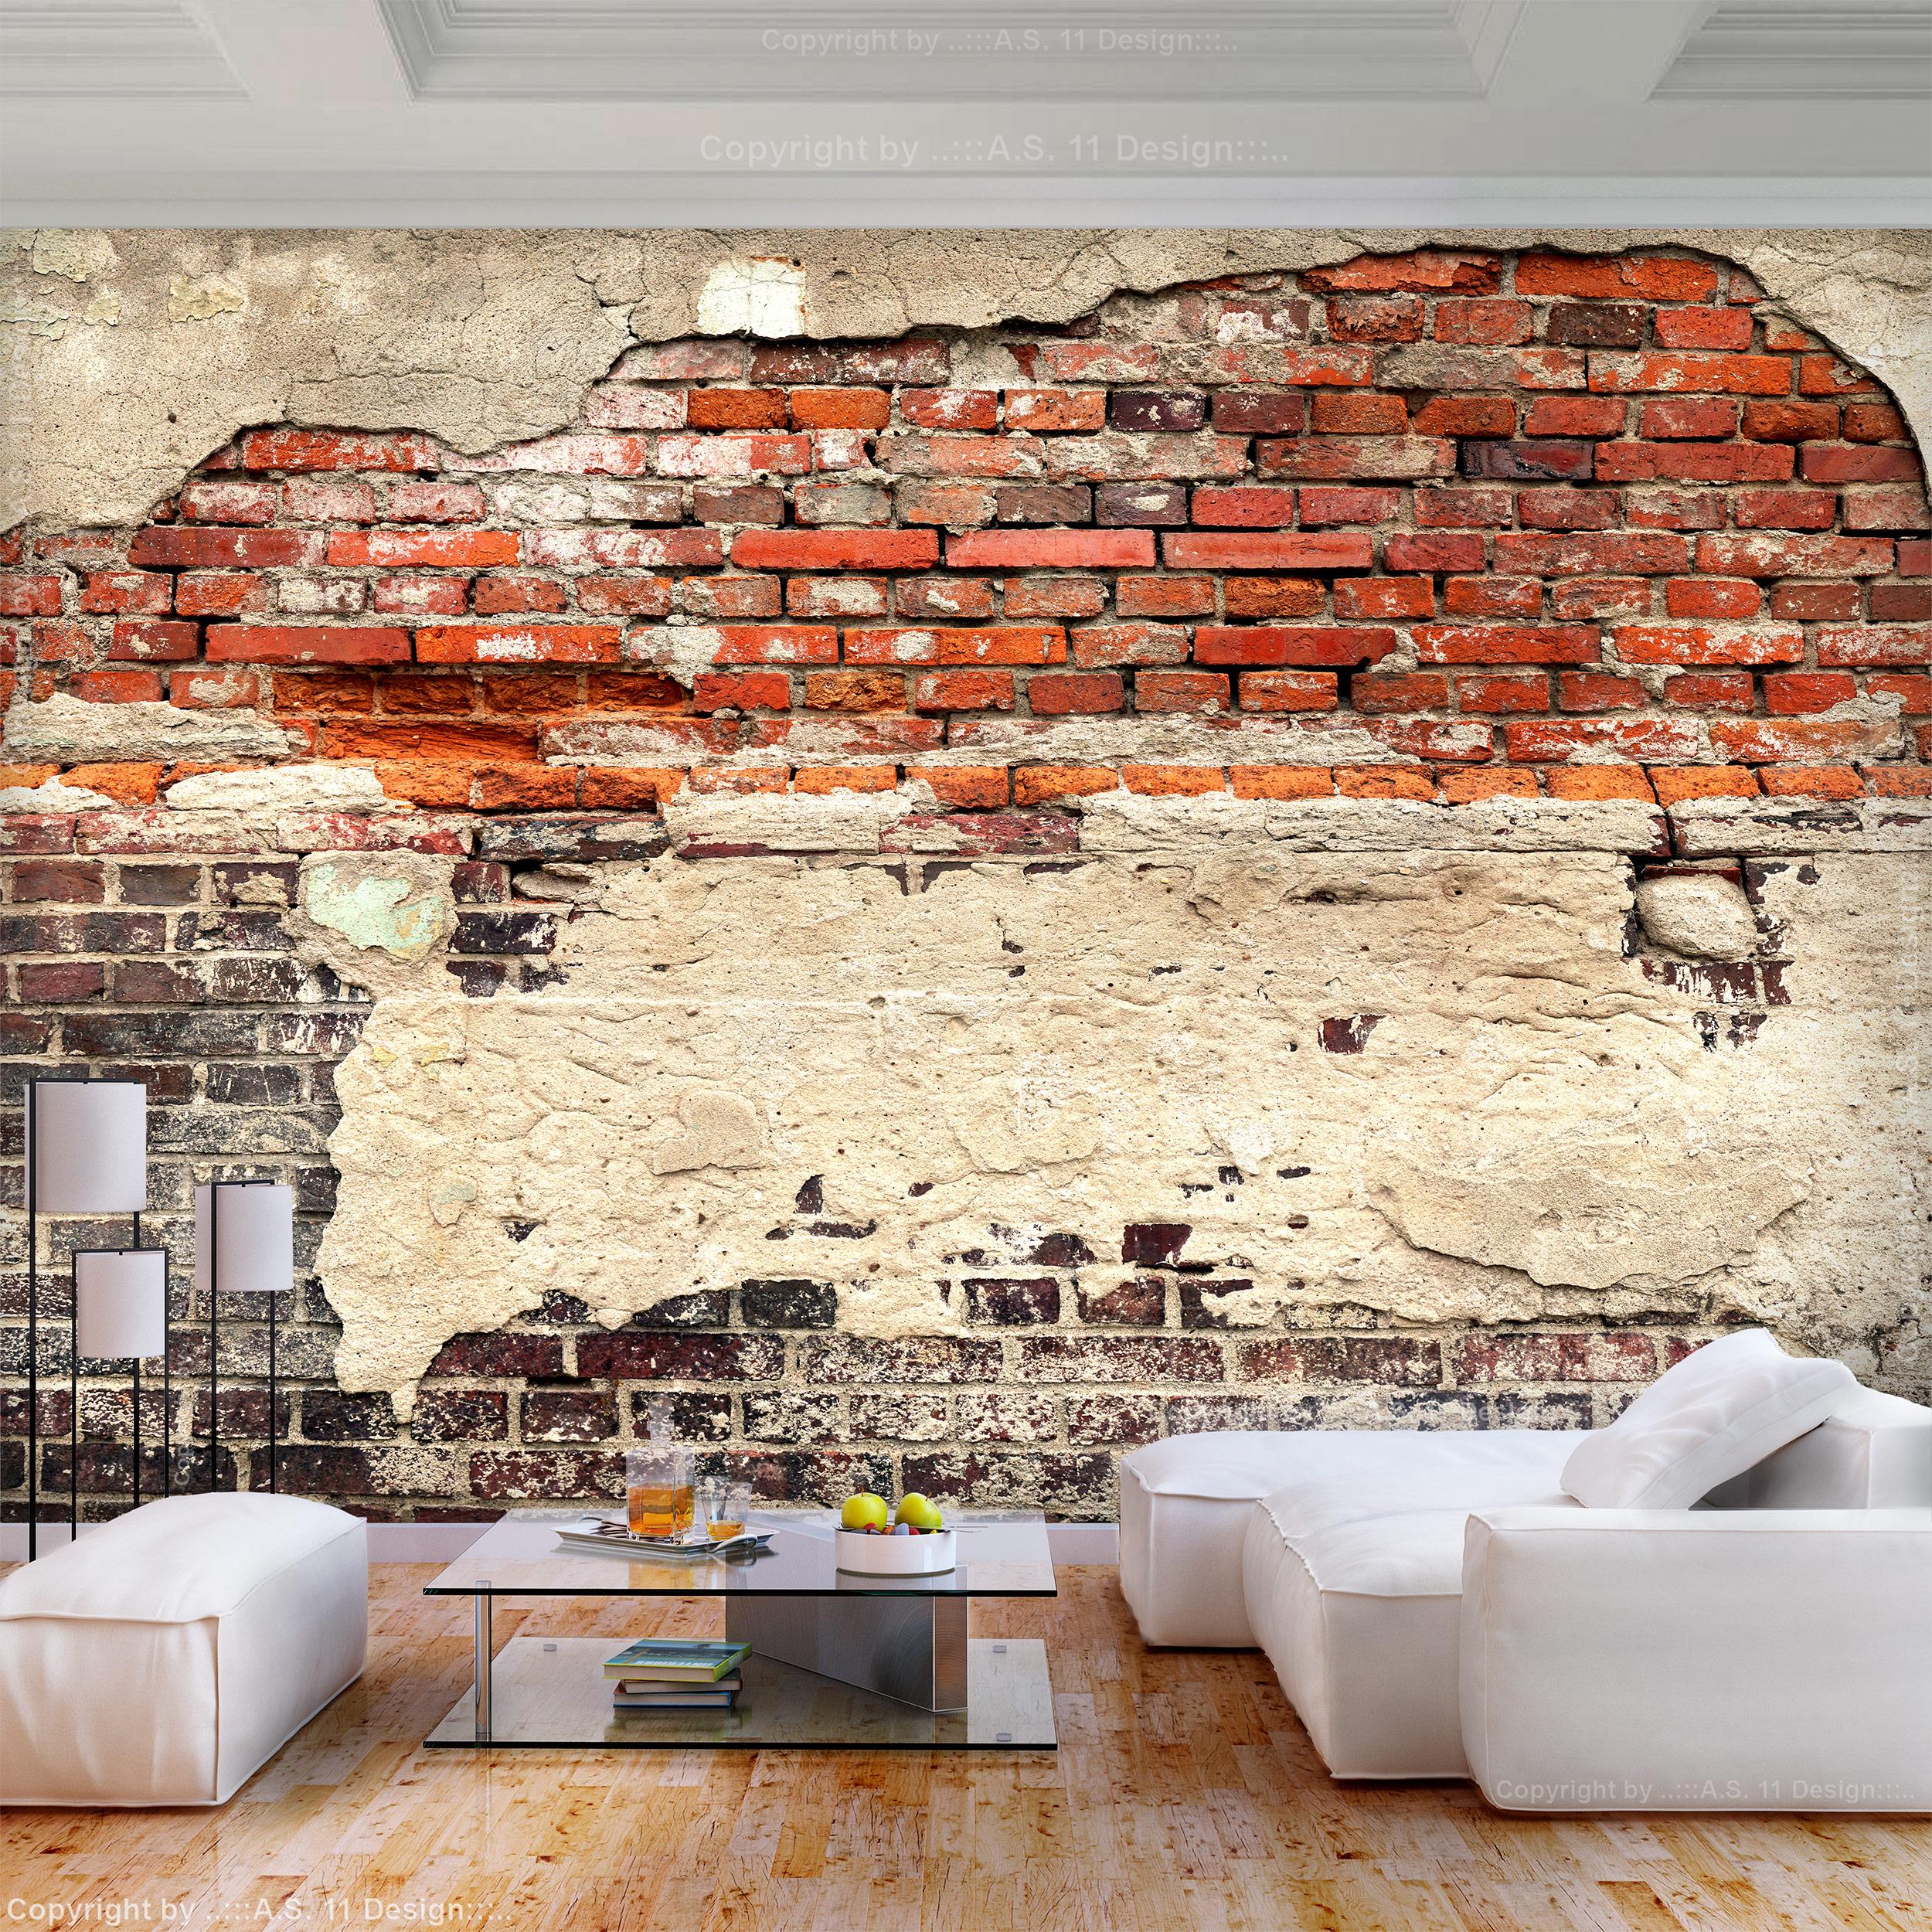 VLIES FOTOTAPETE Stein TAPETEN Mauer Zigel TAPETE Wandbilder xxl Wohnzimmer 3Far  eBay